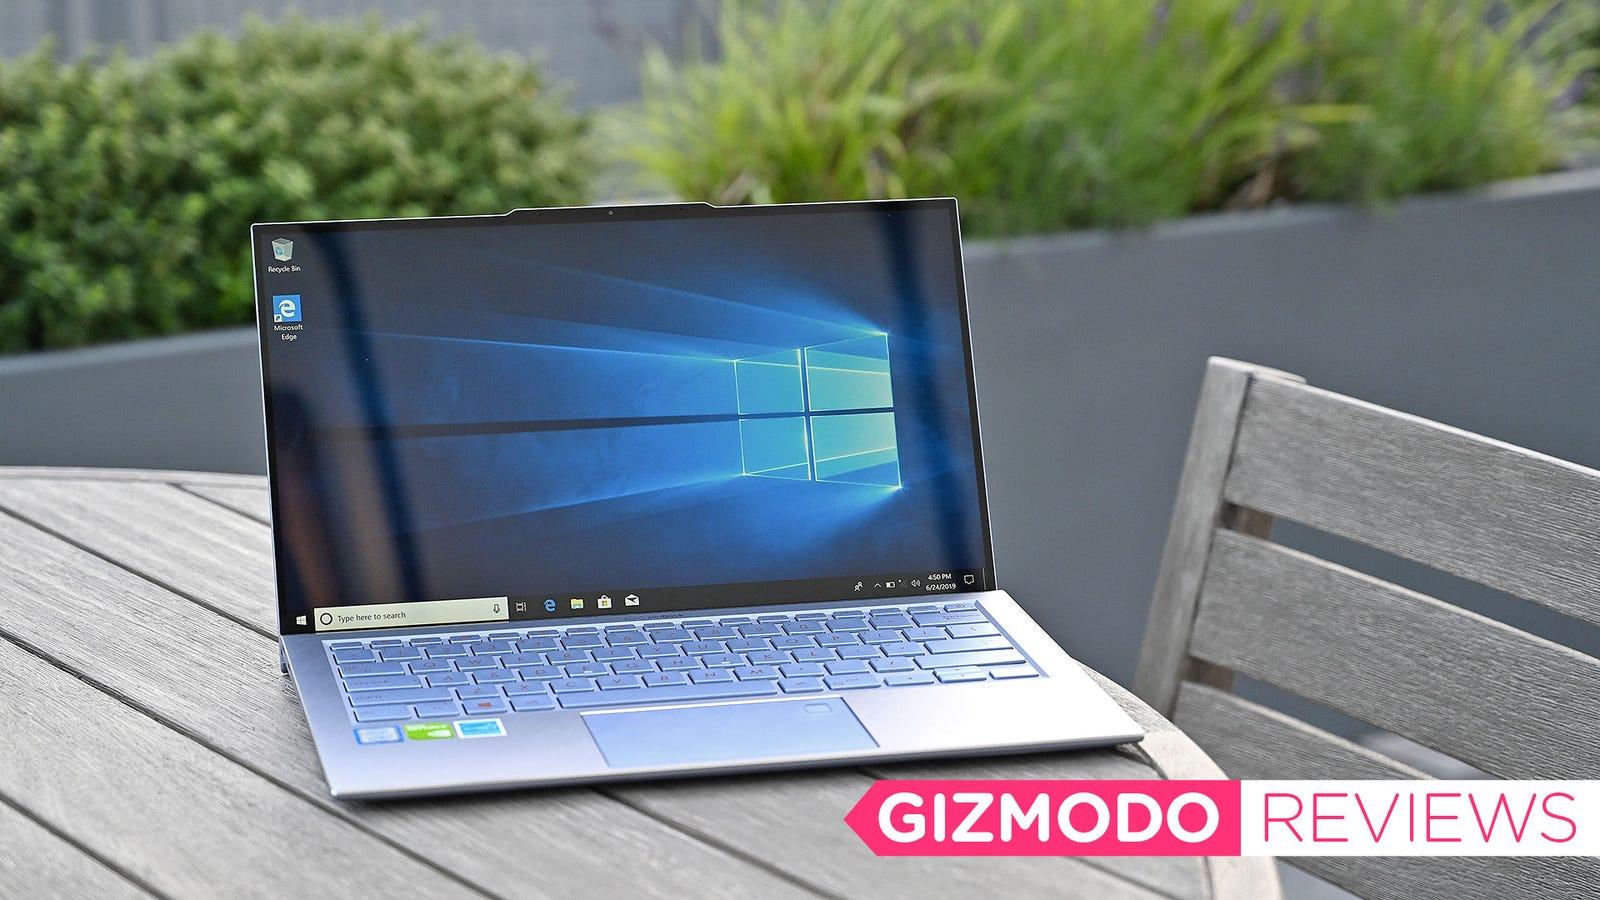 QnA VBage Asus Zenbook S13 Review: A Notch, a Bump, a Clever Little Laptop